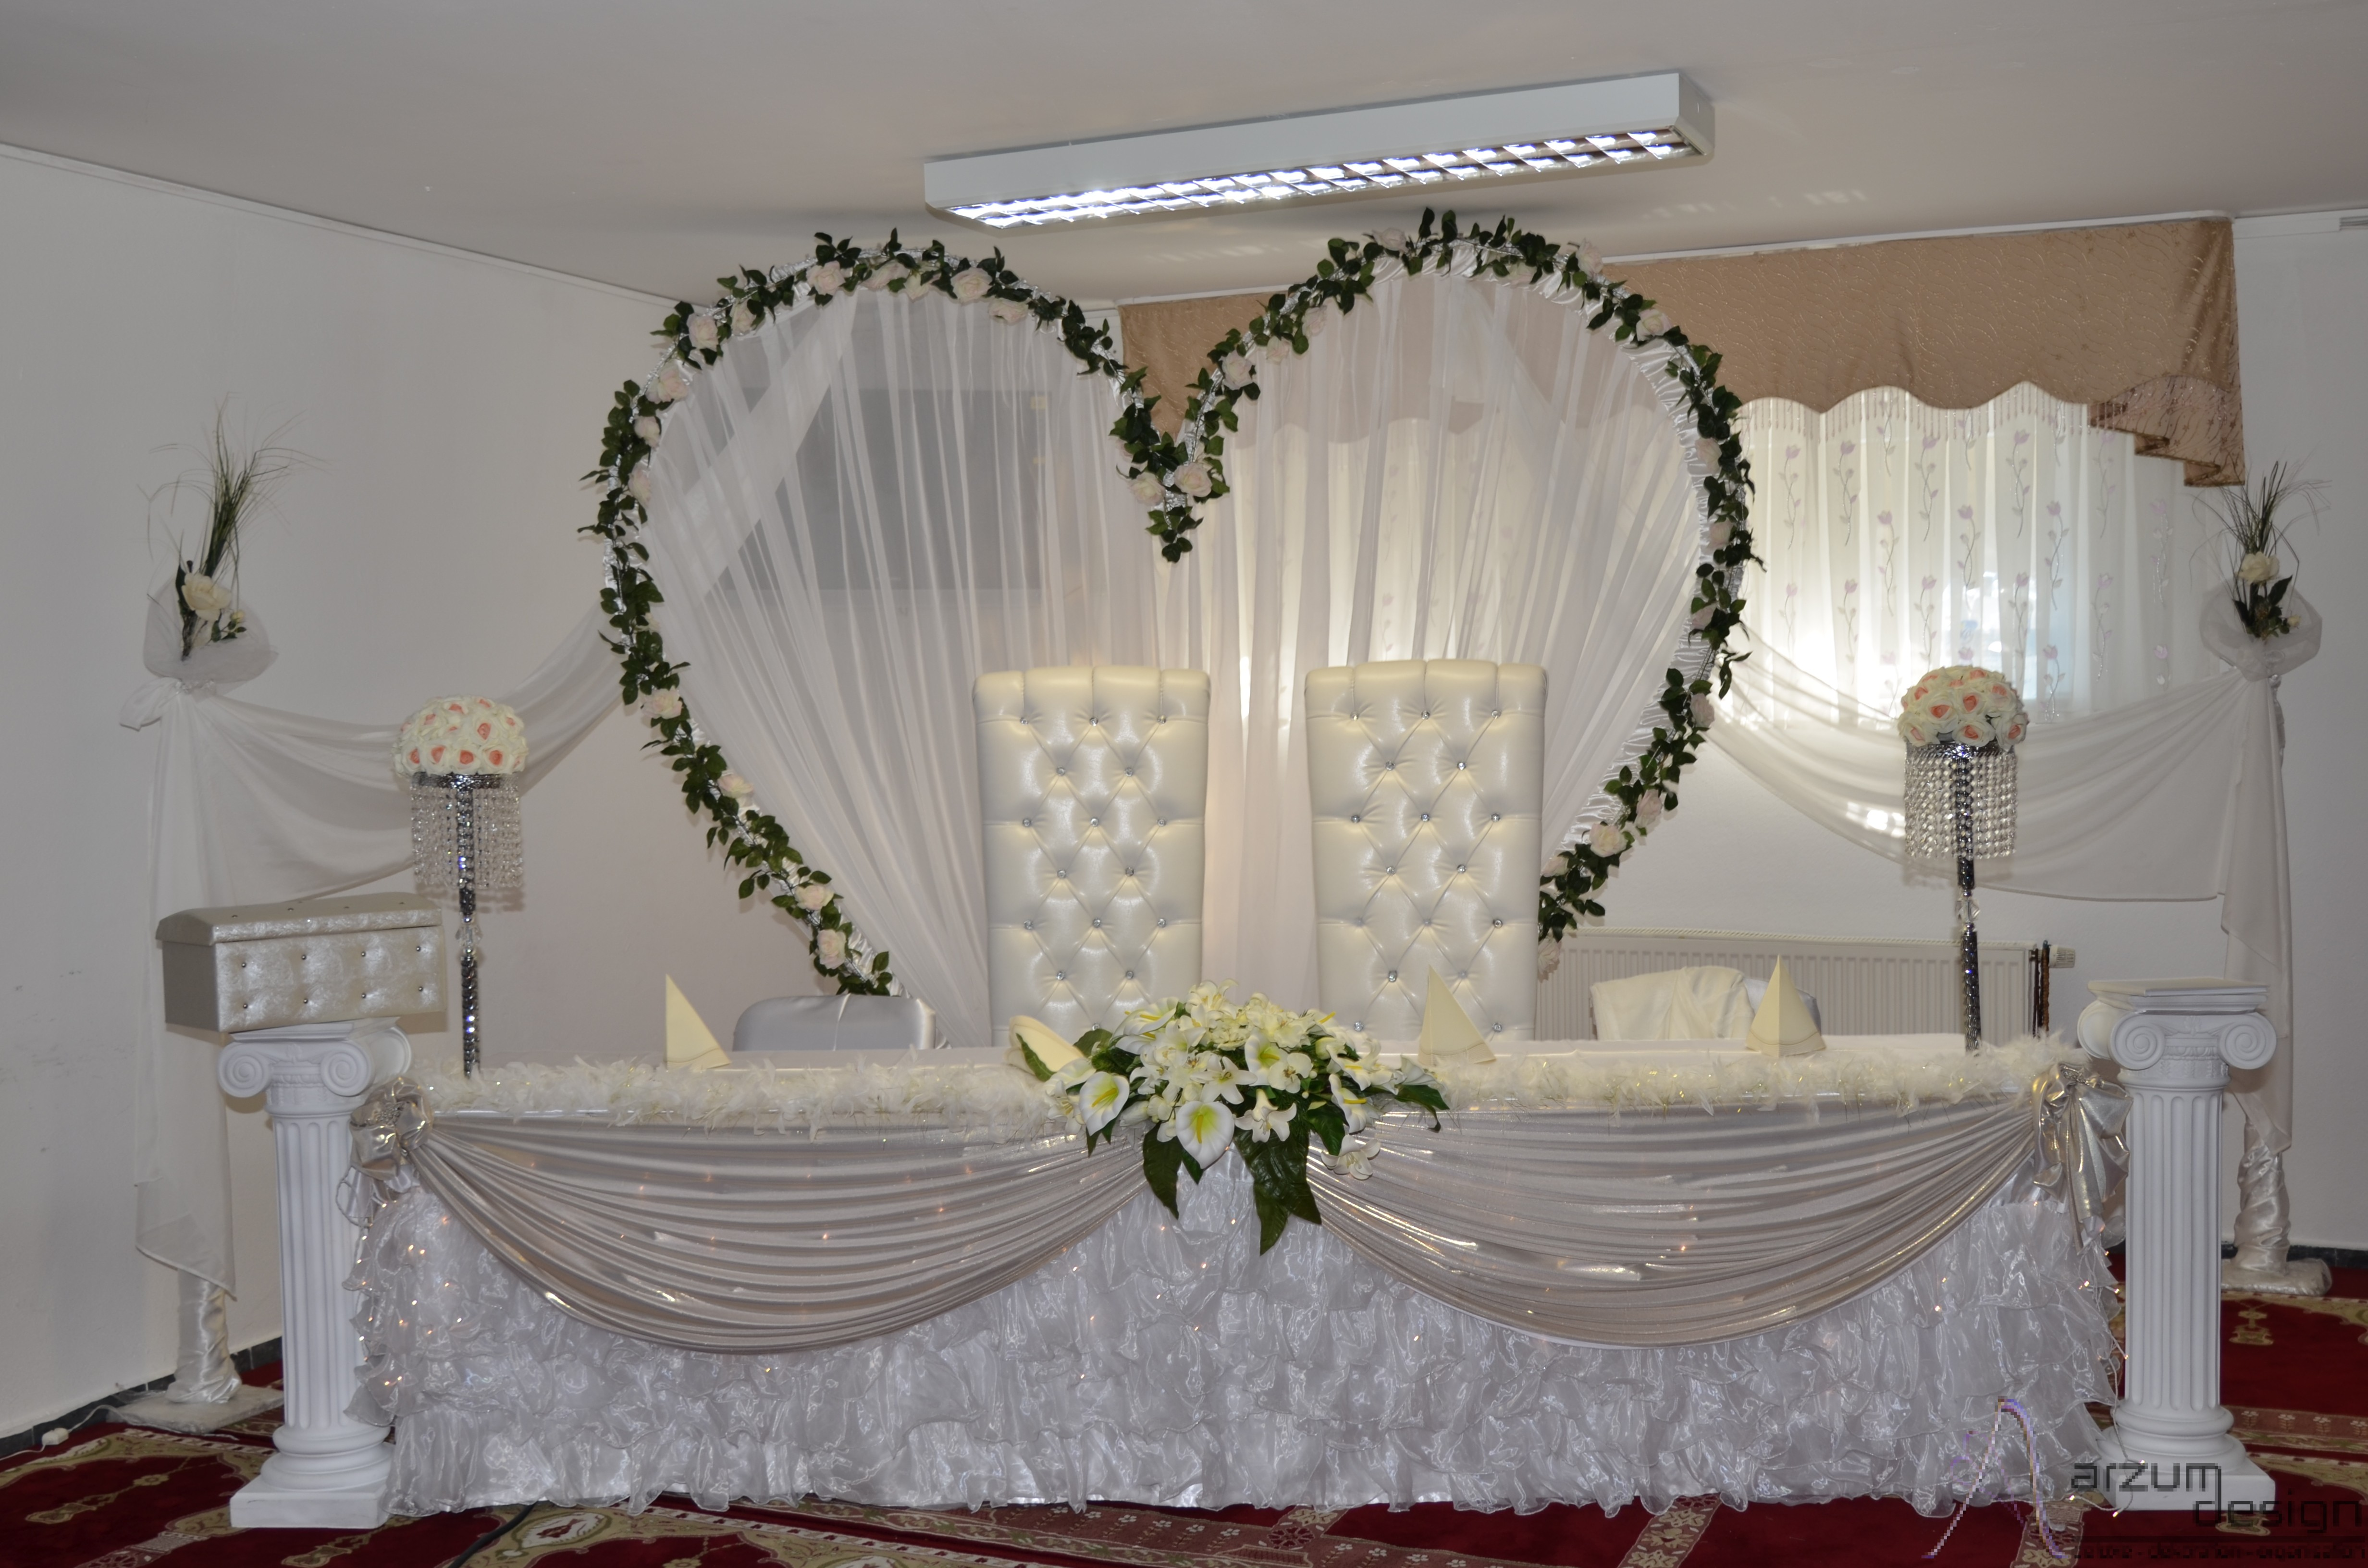 Herz Arzum Design Deluxe Dekoration Organisation Hochzeit U